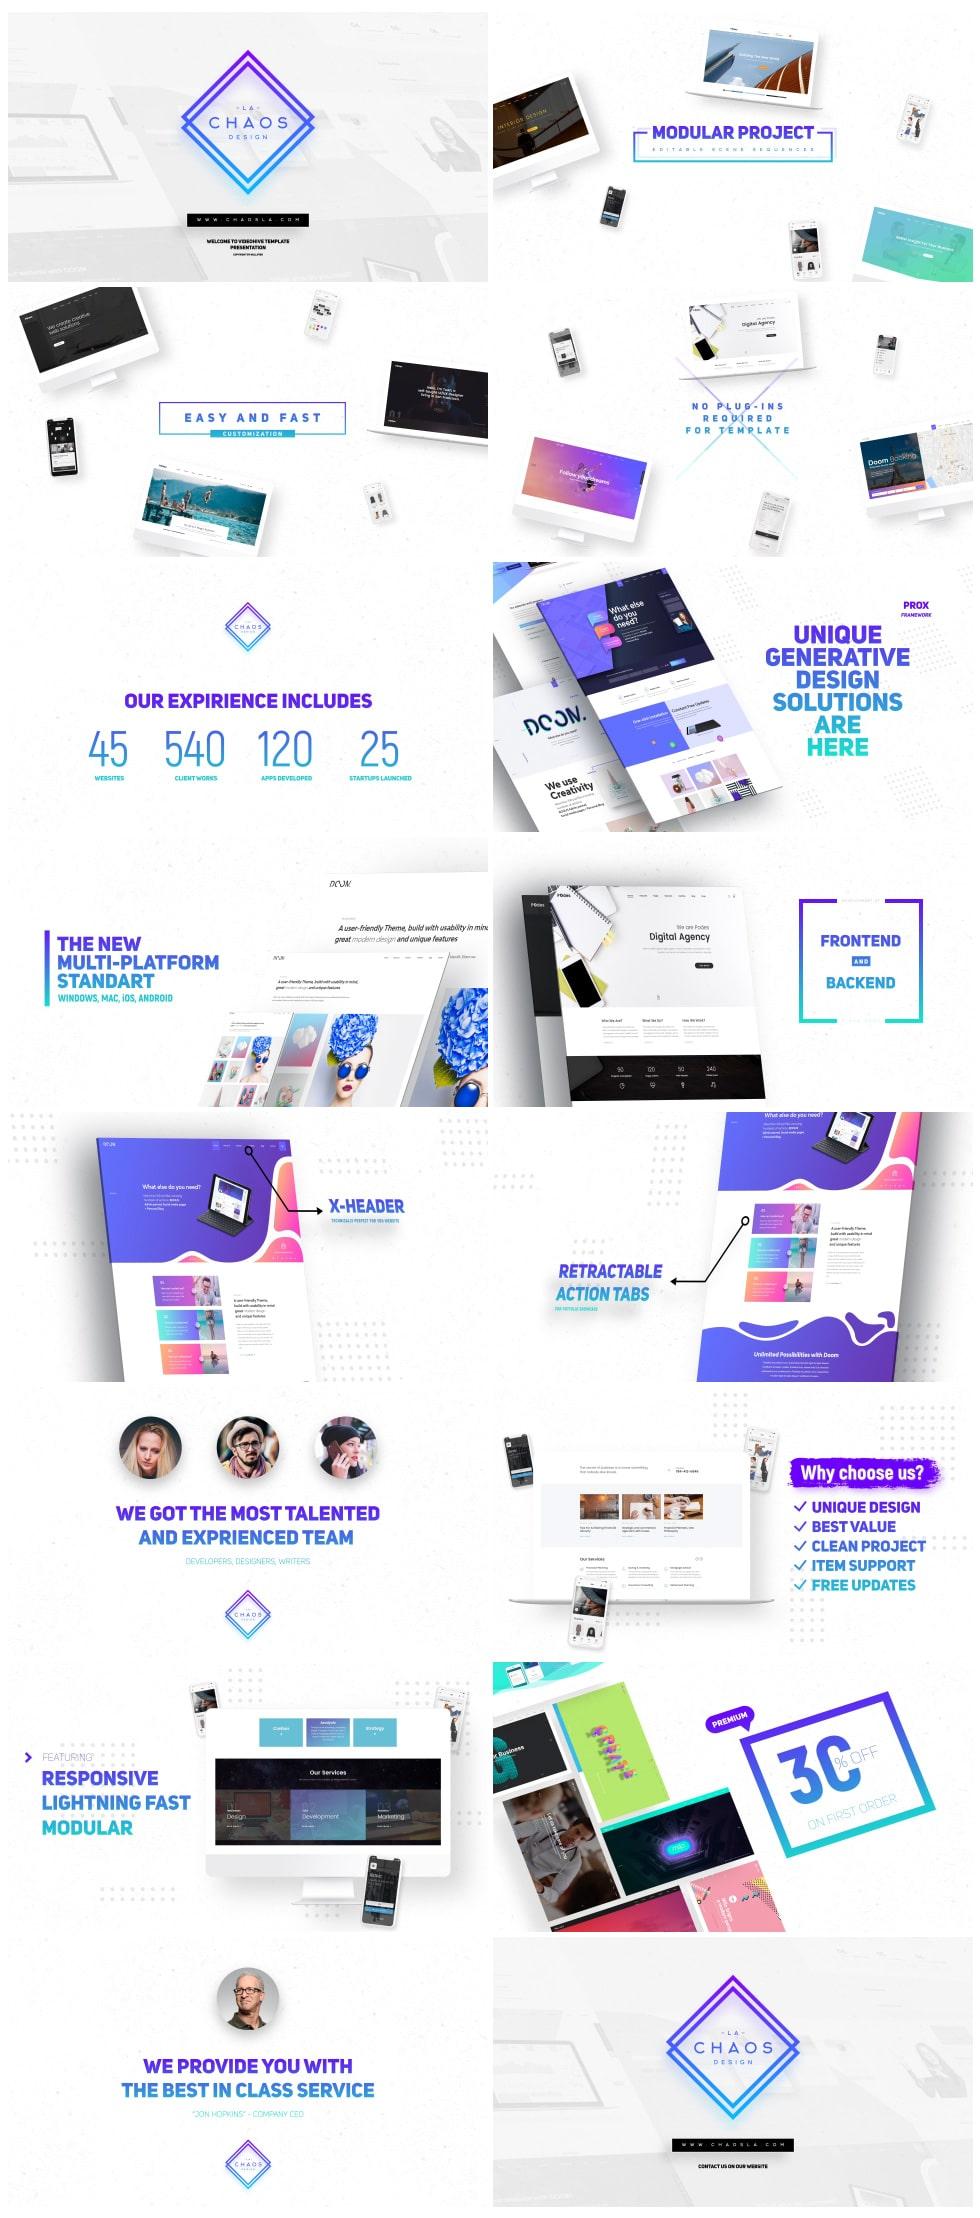 پروژه تیزر تبلیغاتی معرفی وبسایت Premium Website Presentation